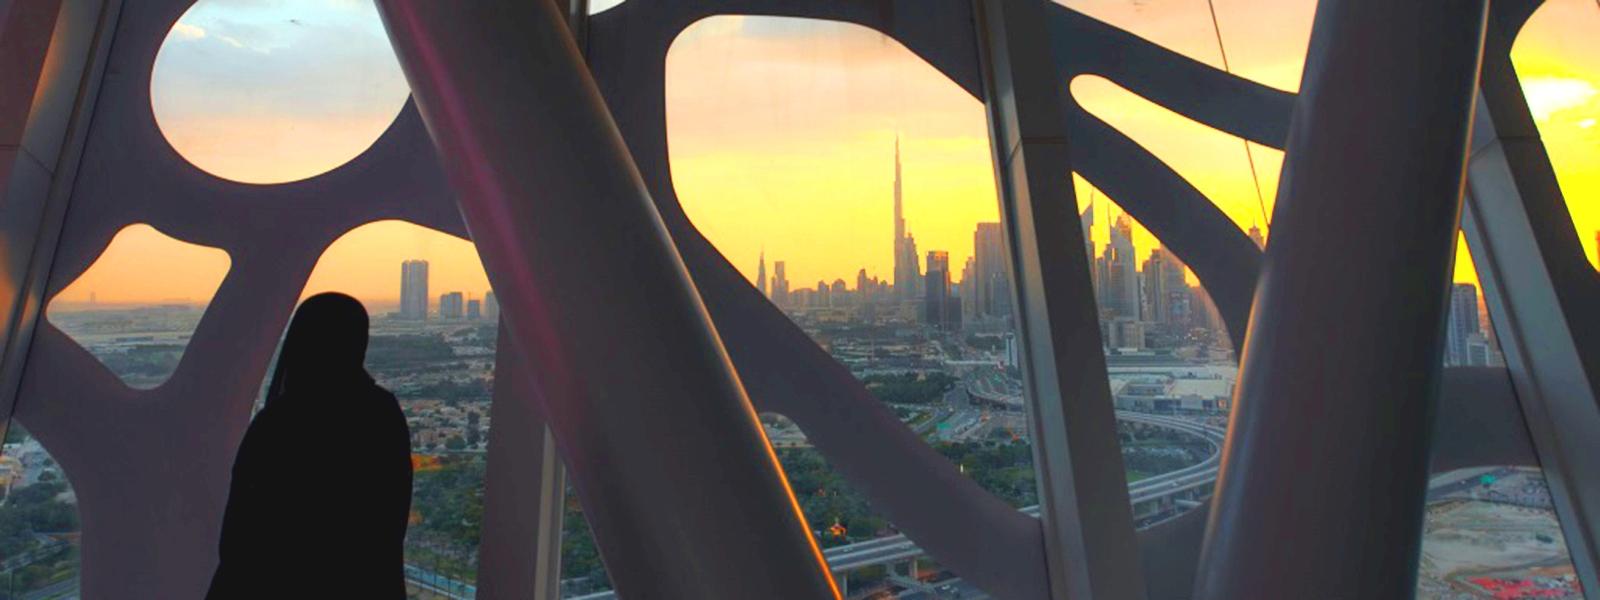 Алкоголь в Дубае: где купить, сколько ввозить